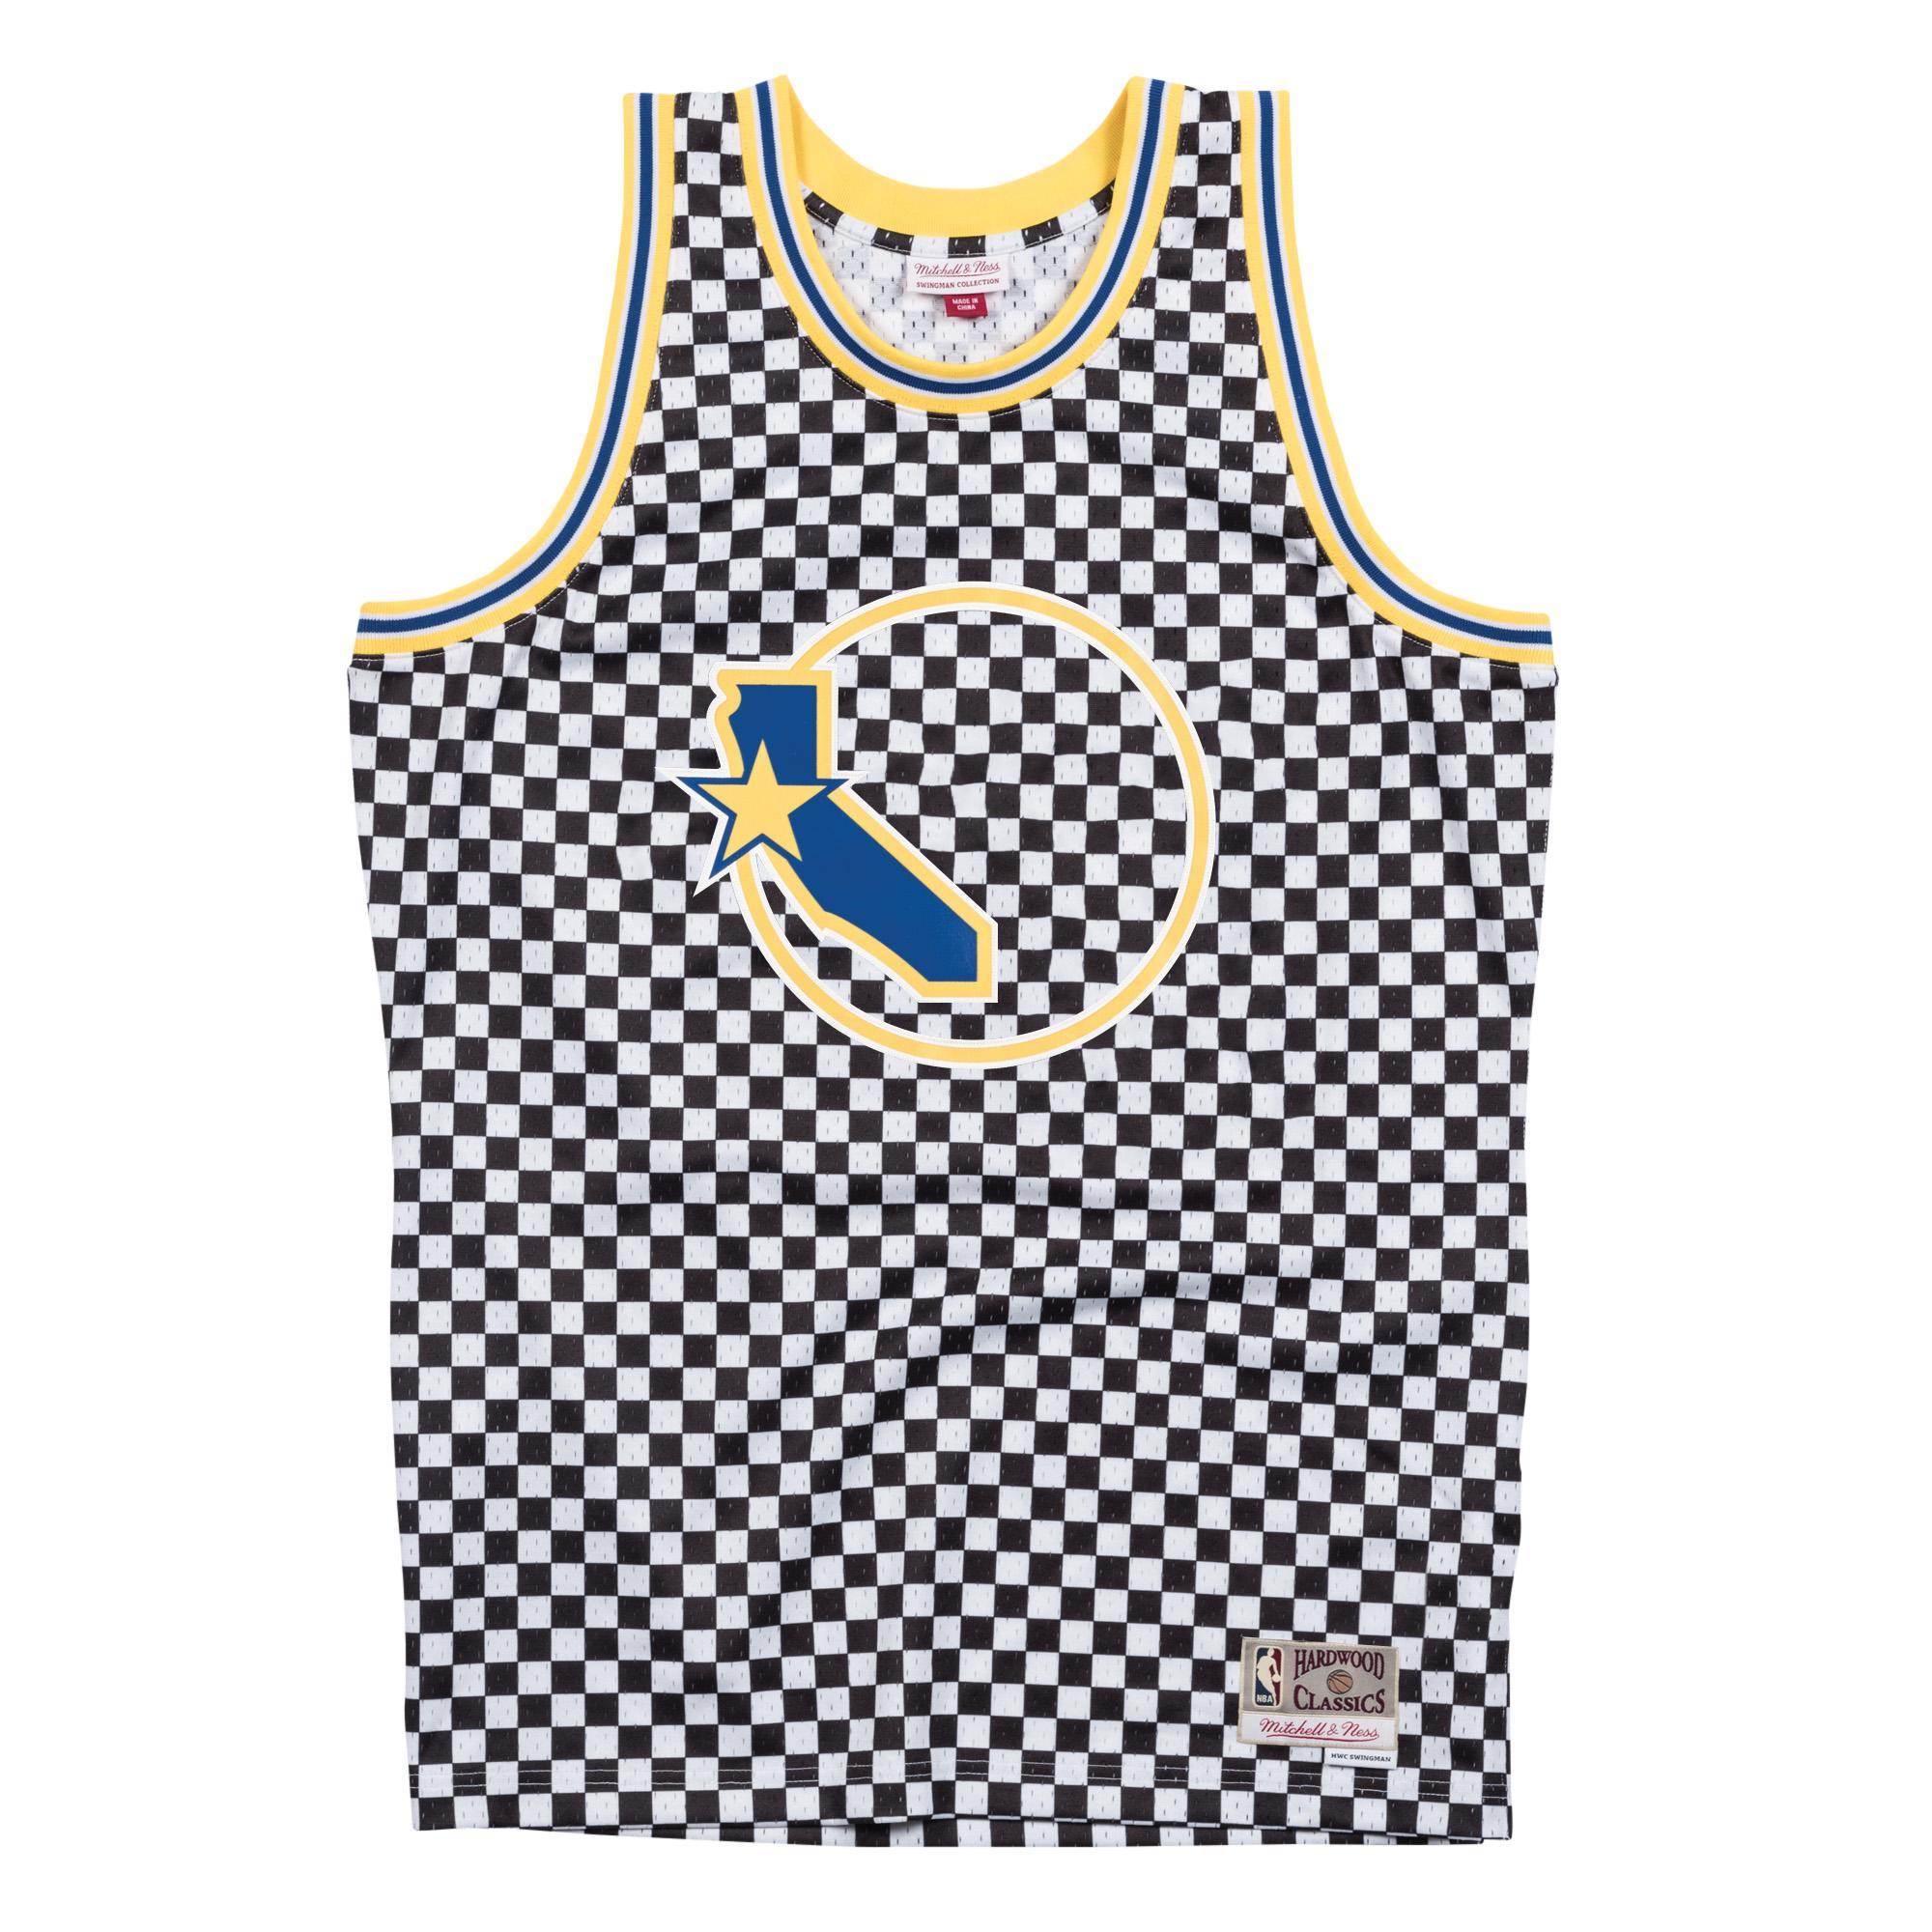 hot sale online 7797d 0e5de Mitchell & Ness | Golden State Warriors Black & White ...